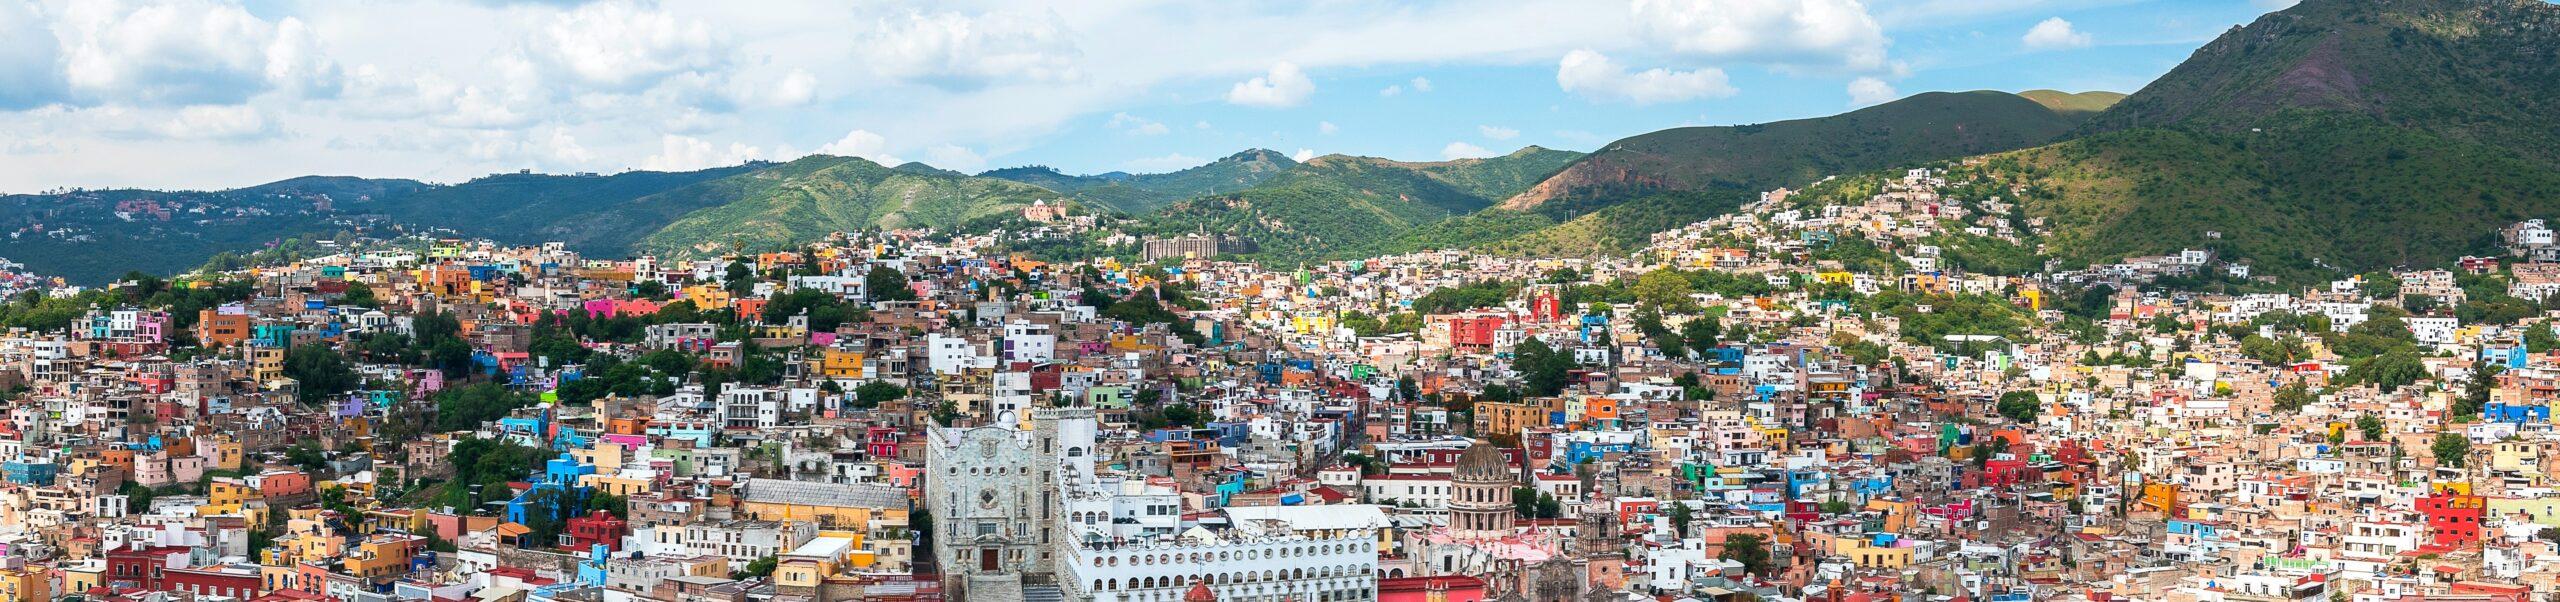 Ville de Guanajuato